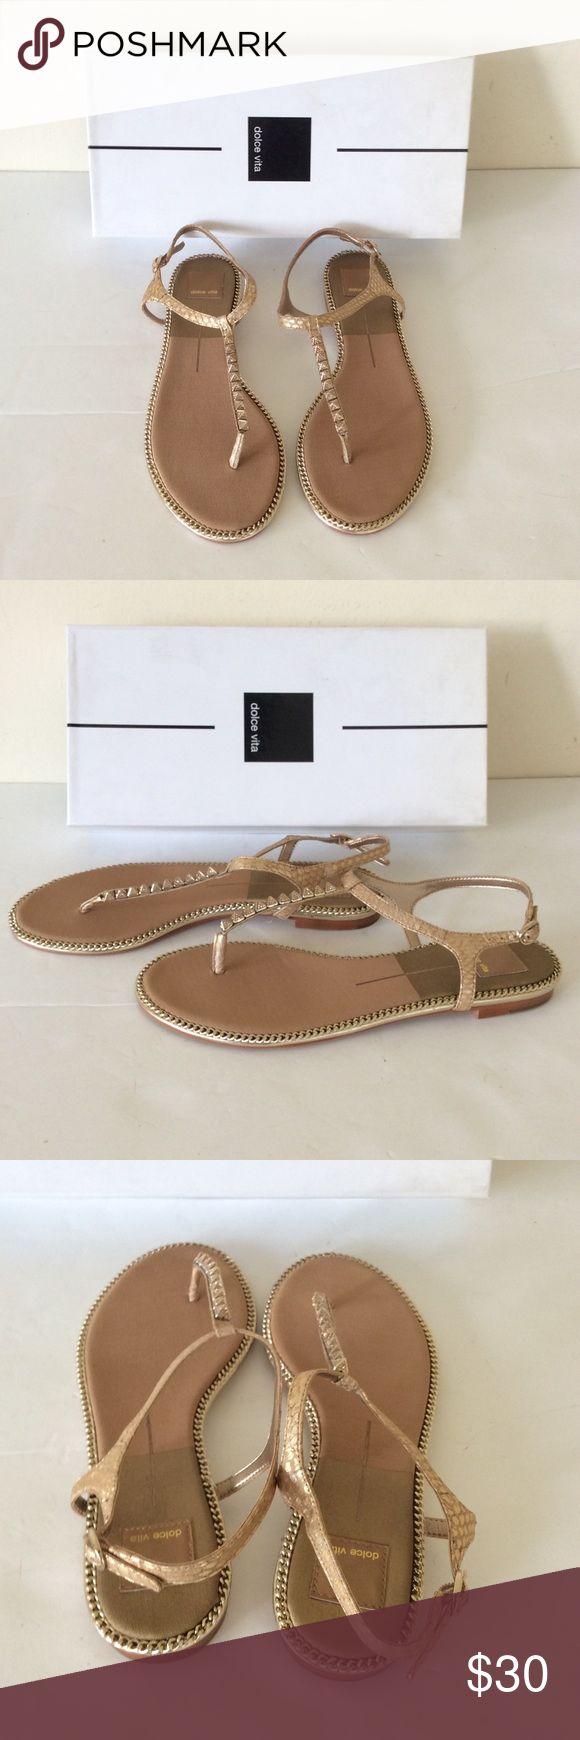 Dolce Vita Ensley Gold Dress Sandal 8 1/2 Dolce Vita Ensley Gold Dress Sandal 8 1/2 ❌ sorry no trades - price is firm even if bundled ❌ Dolce Vita Shoes Sandals